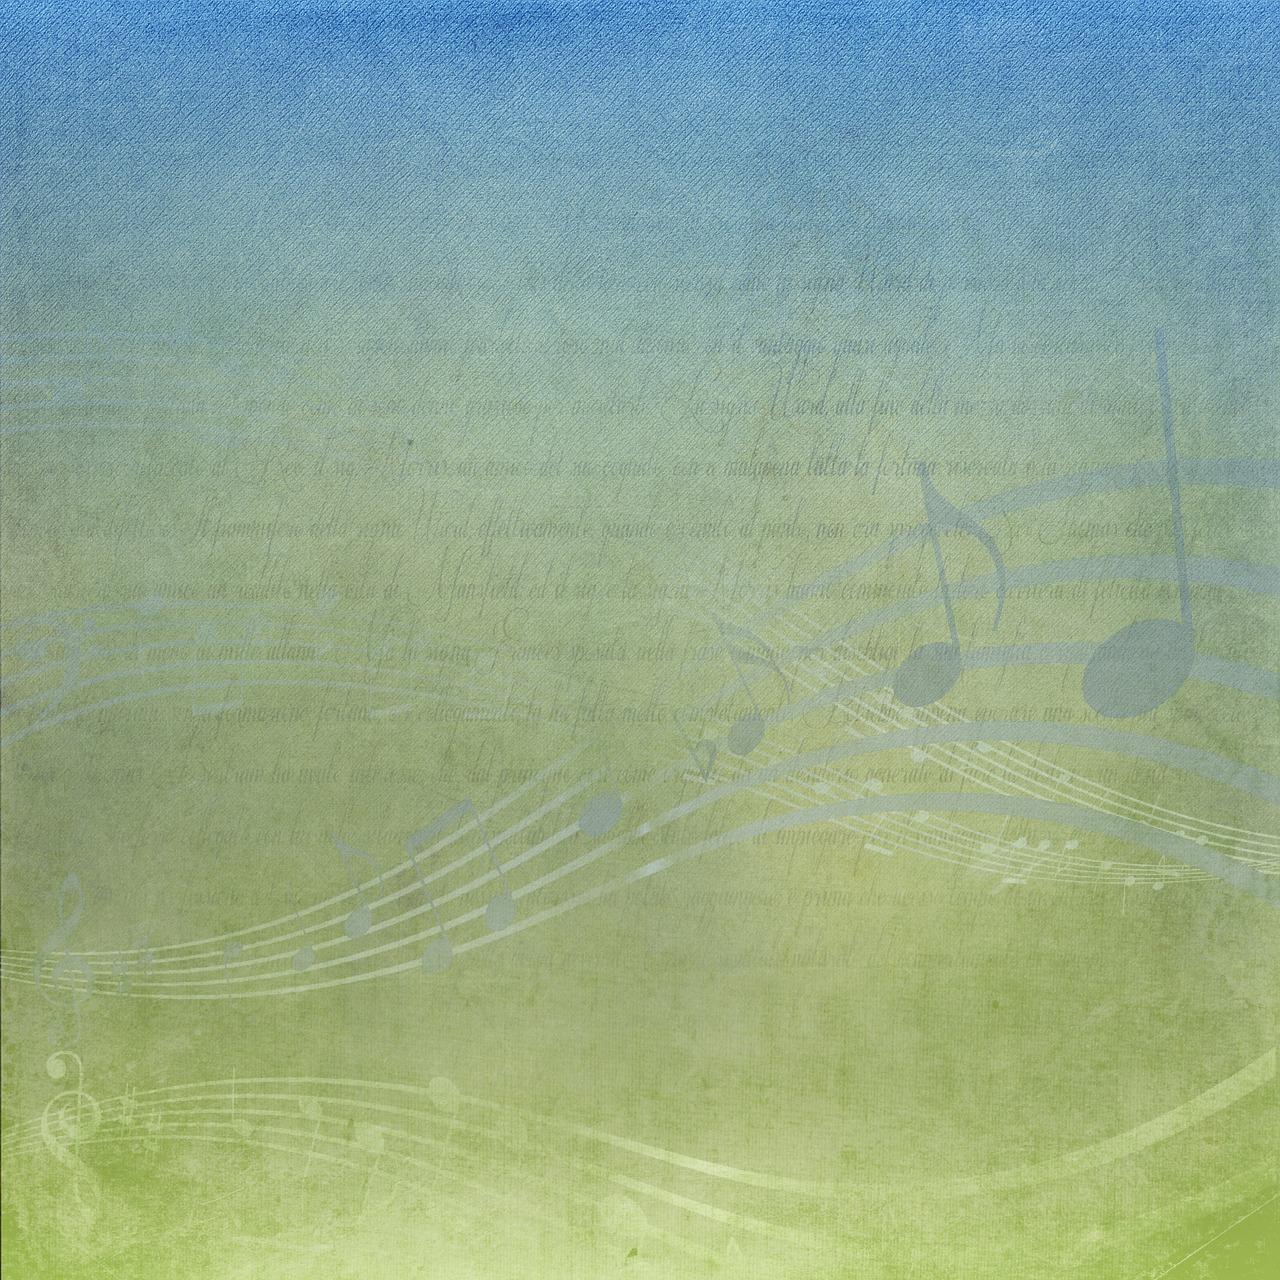 音楽 スタッフ 青 緑 スクラップ ブック メモ 音部記号 デザイン 高音 シンボル